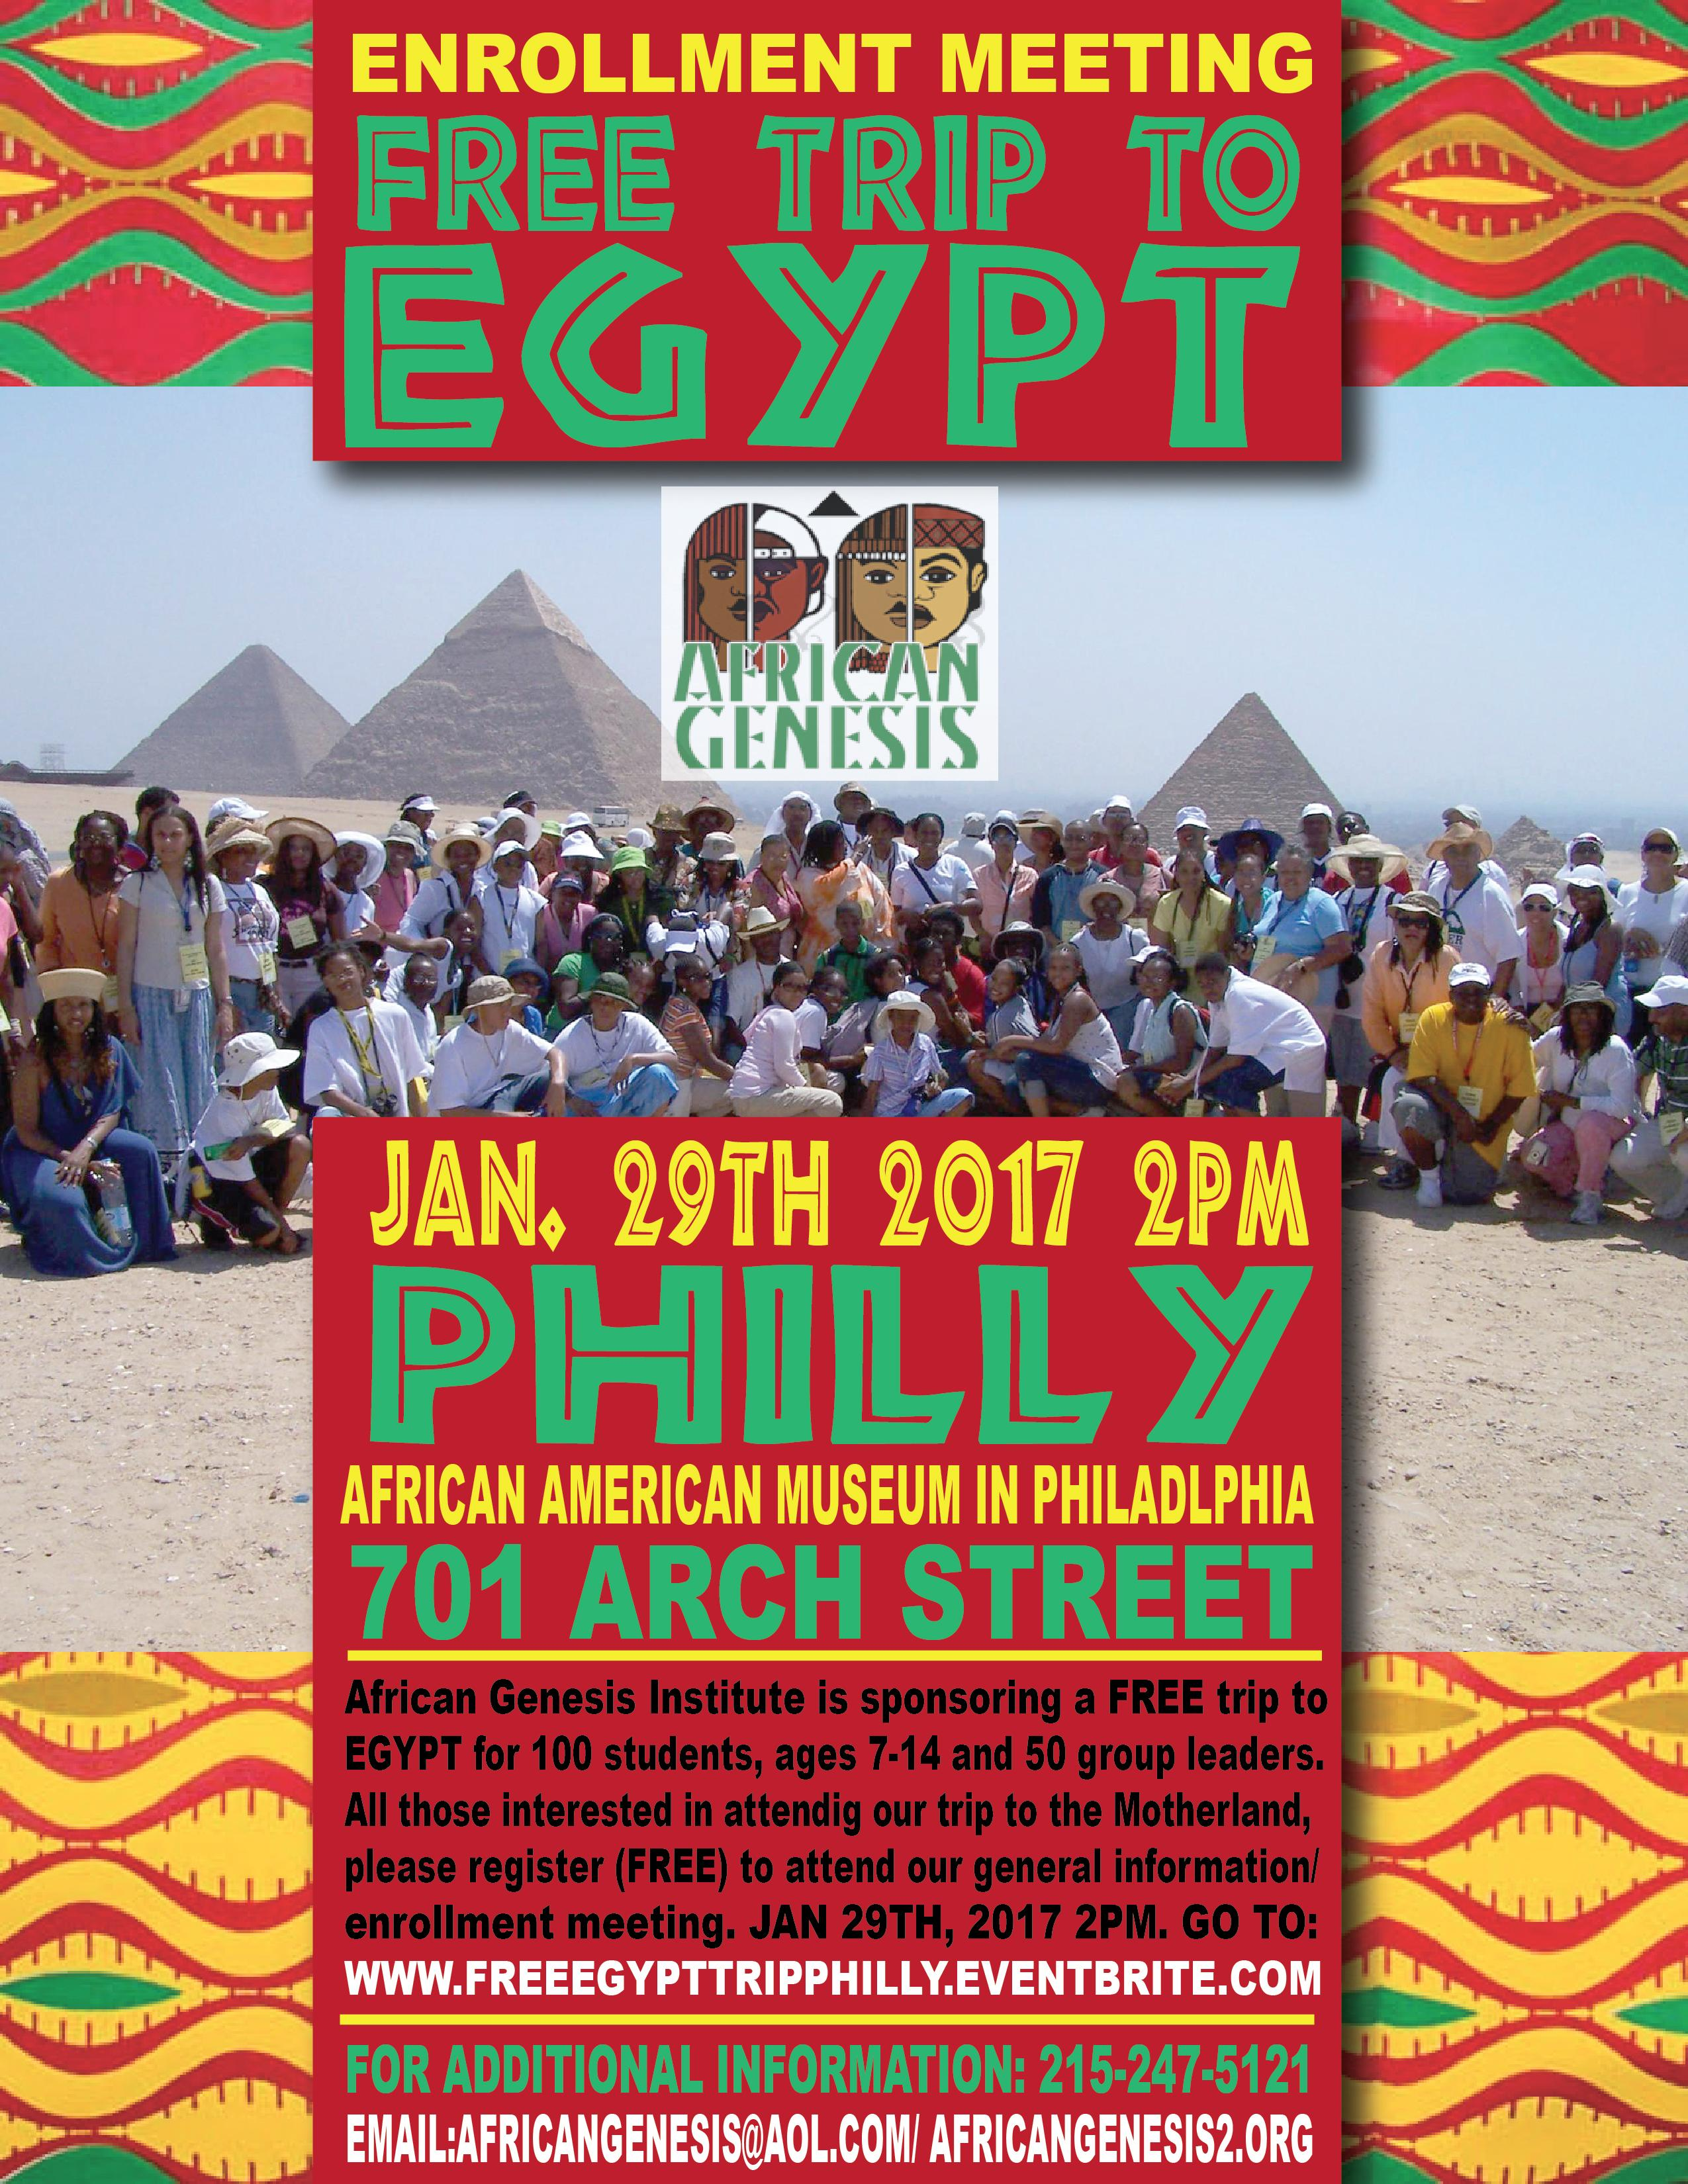 Free Trip to Egypt - Philadelphia Info & Enro